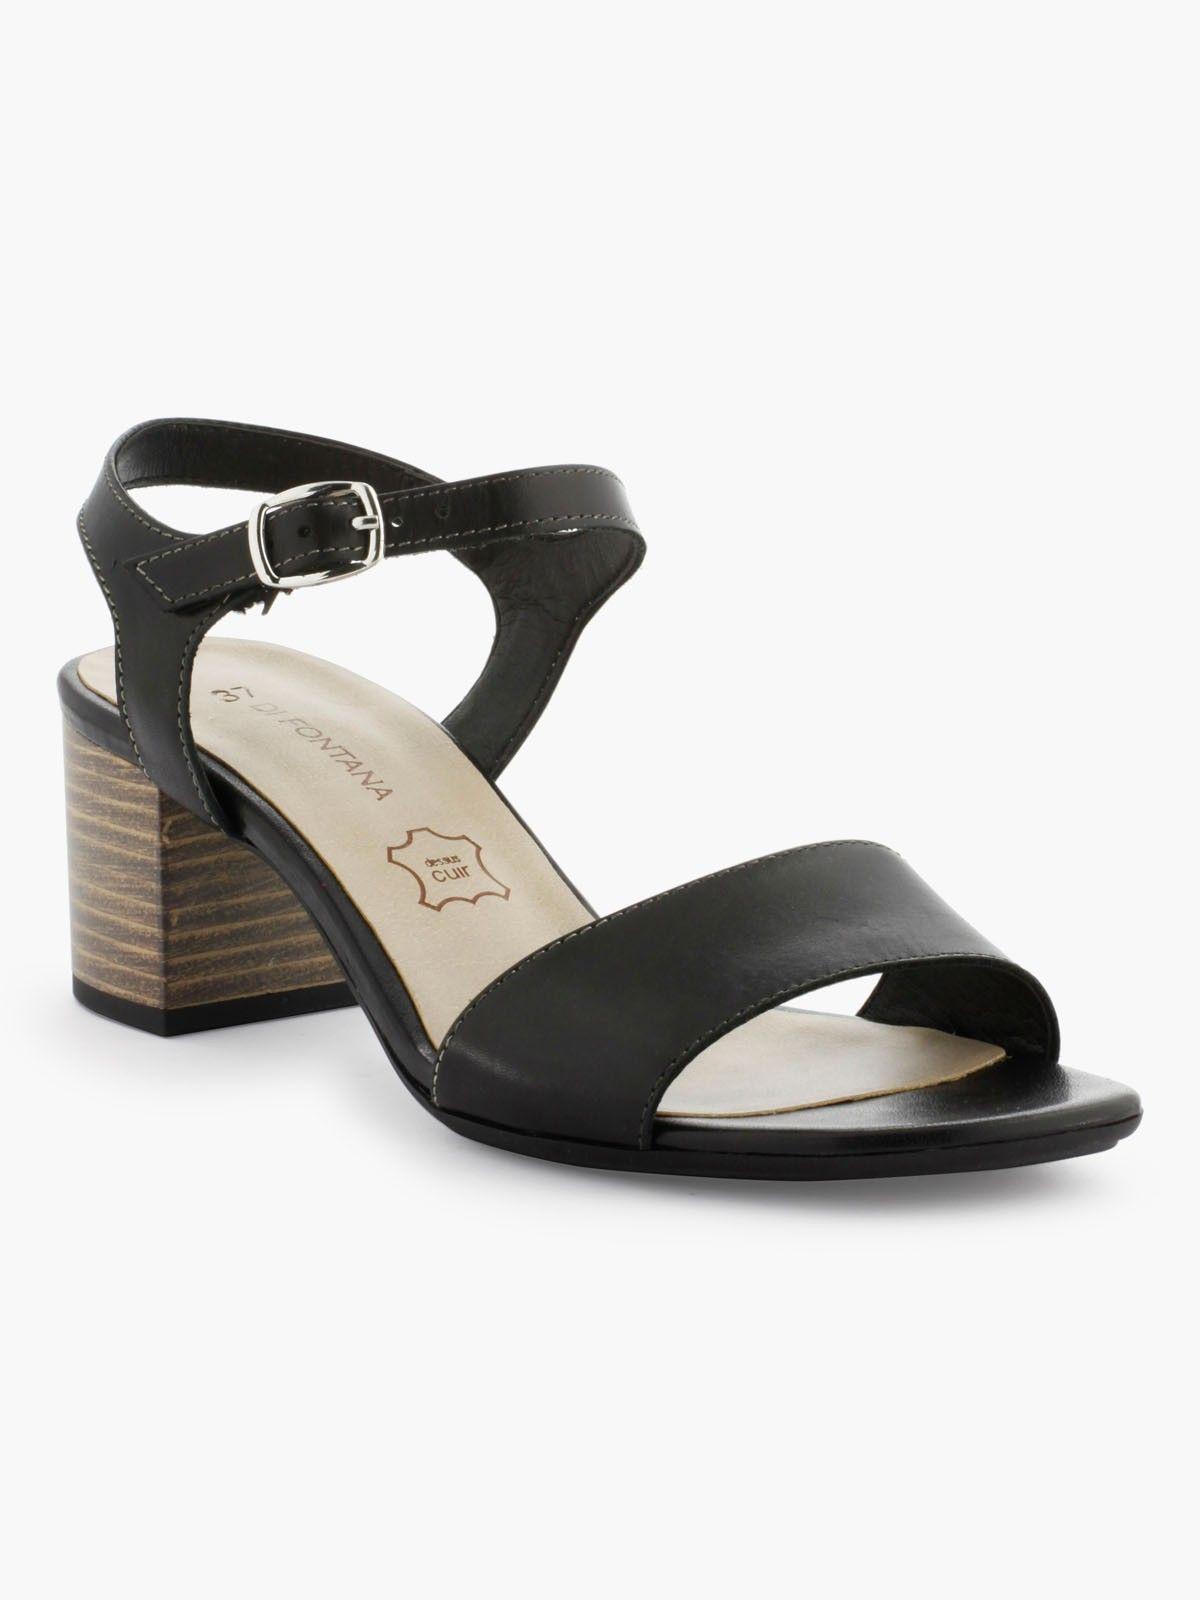 Découvrez les caractéristiques du produit Sandales En Cuir à Talon, sur le site de La Halle, marque de vêtements et chaussures pour femmes et hommes.